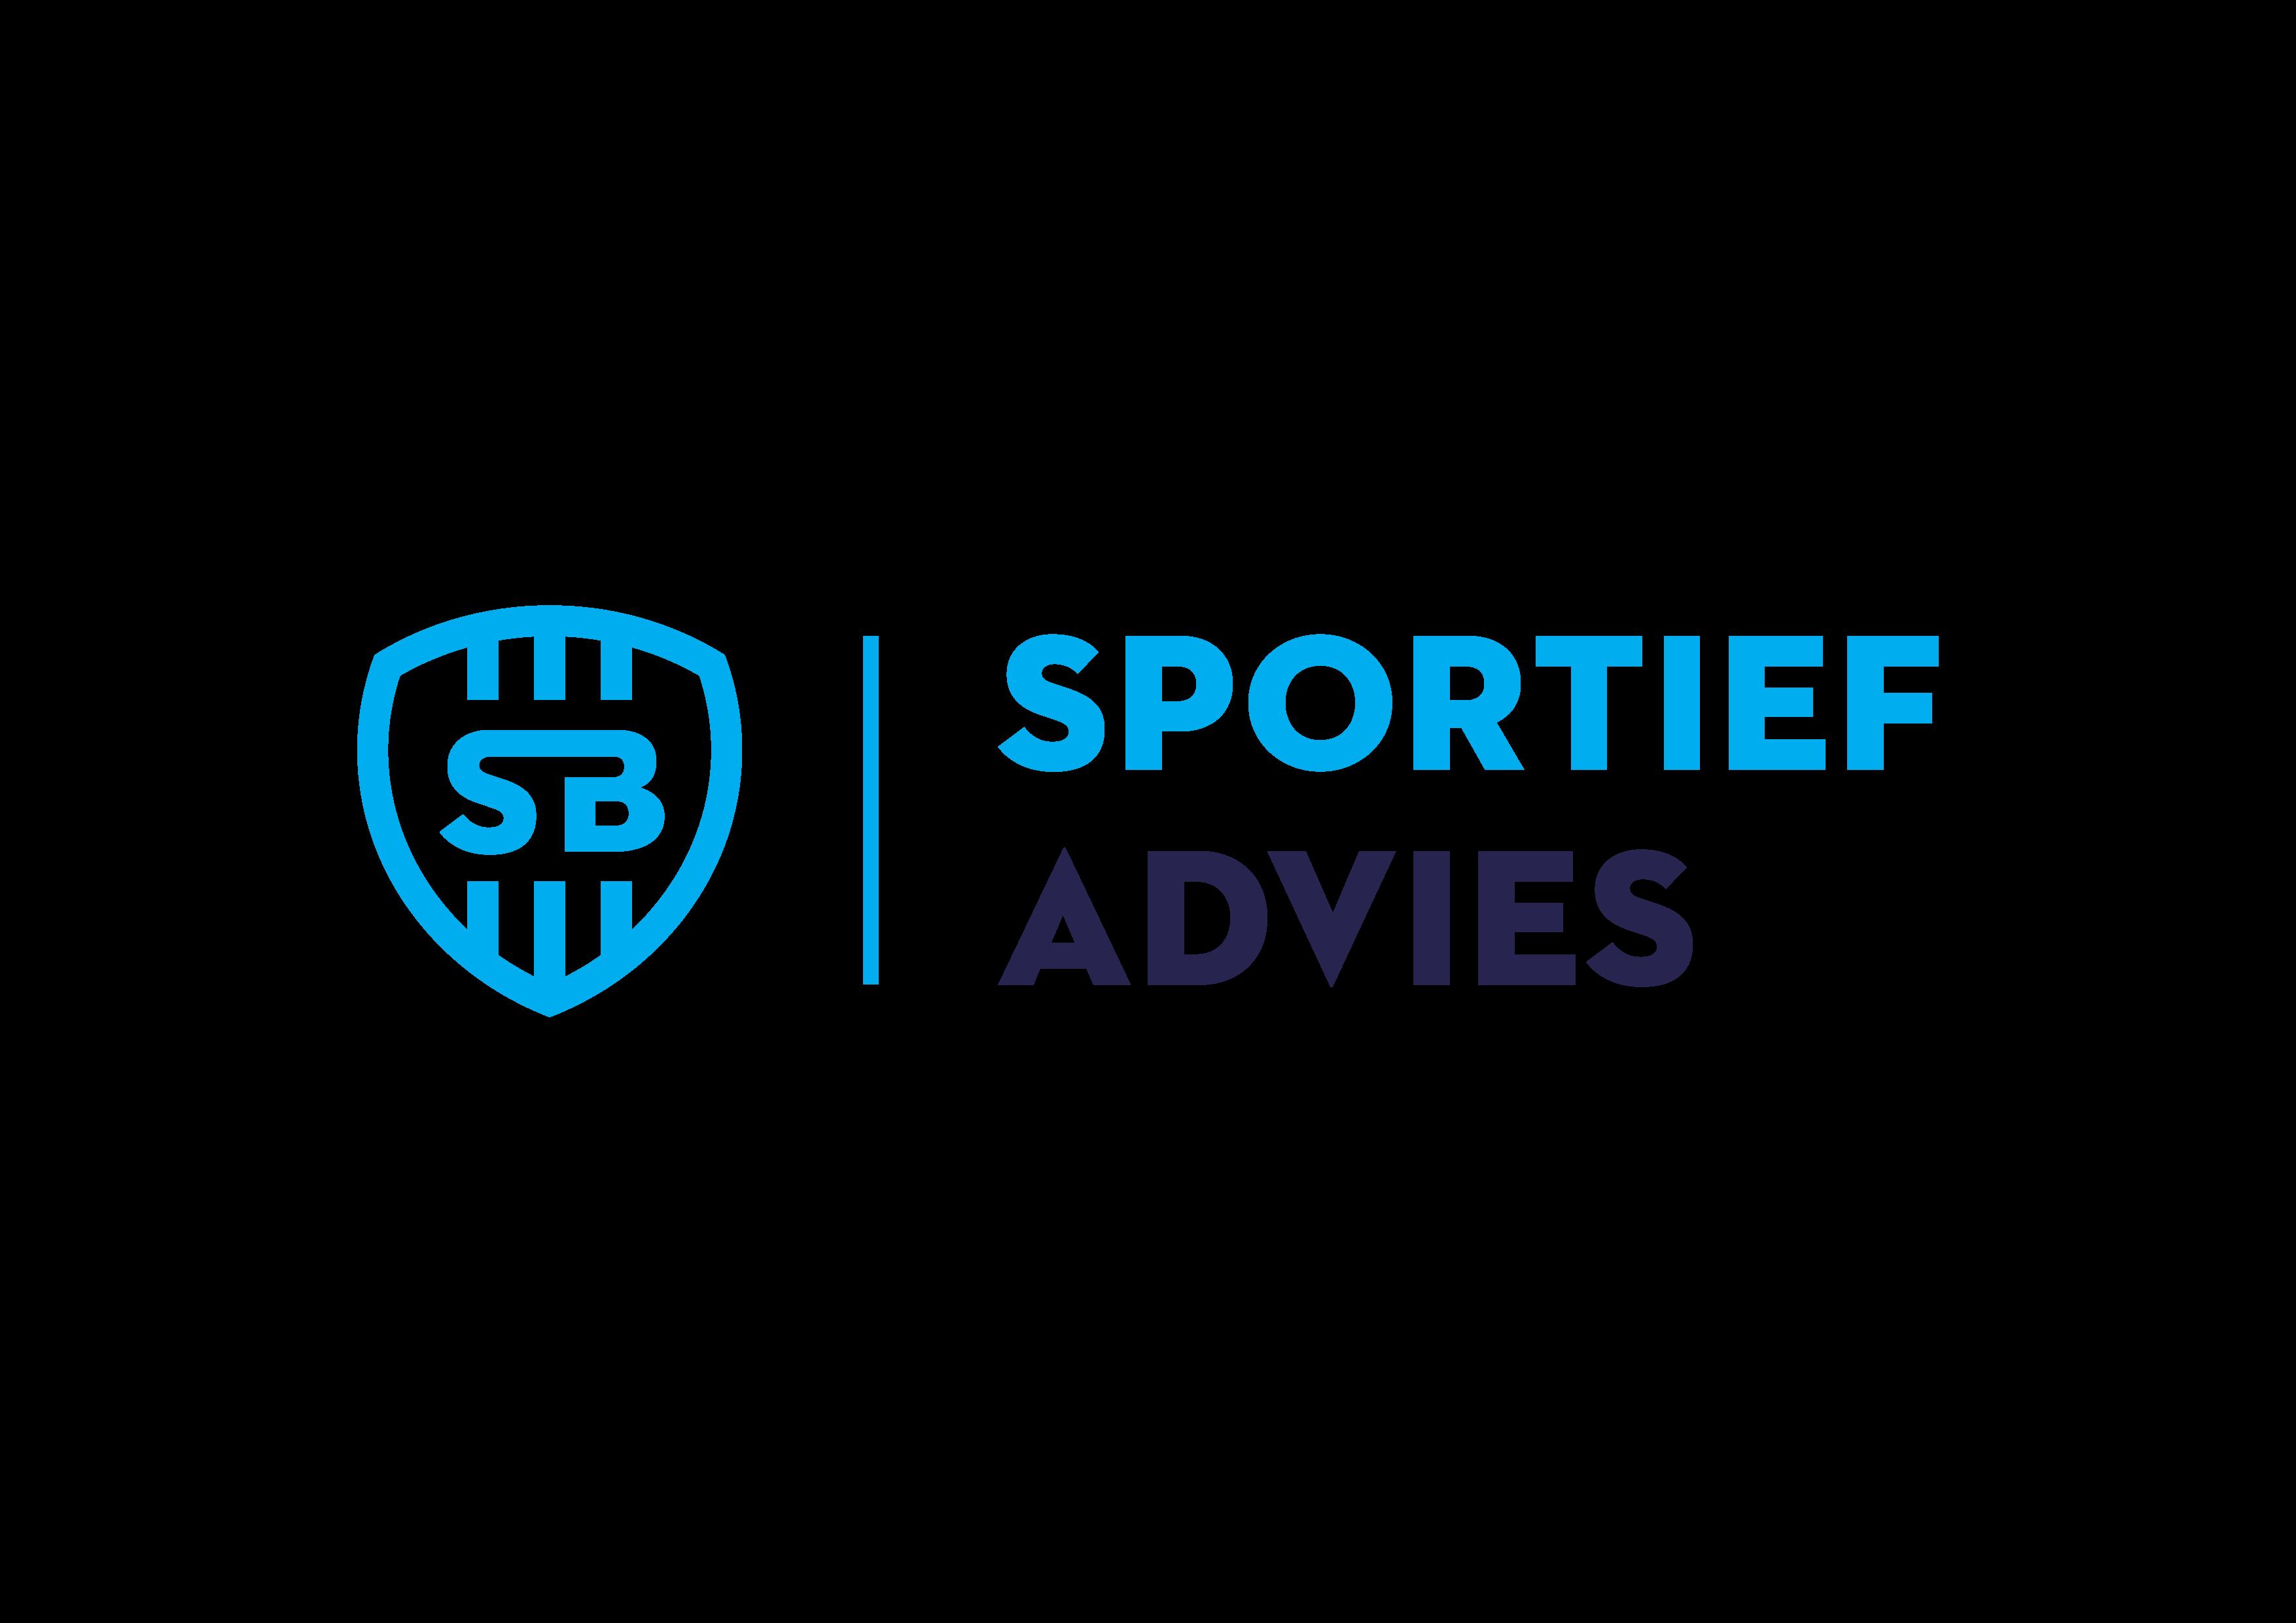 sportief advies 2